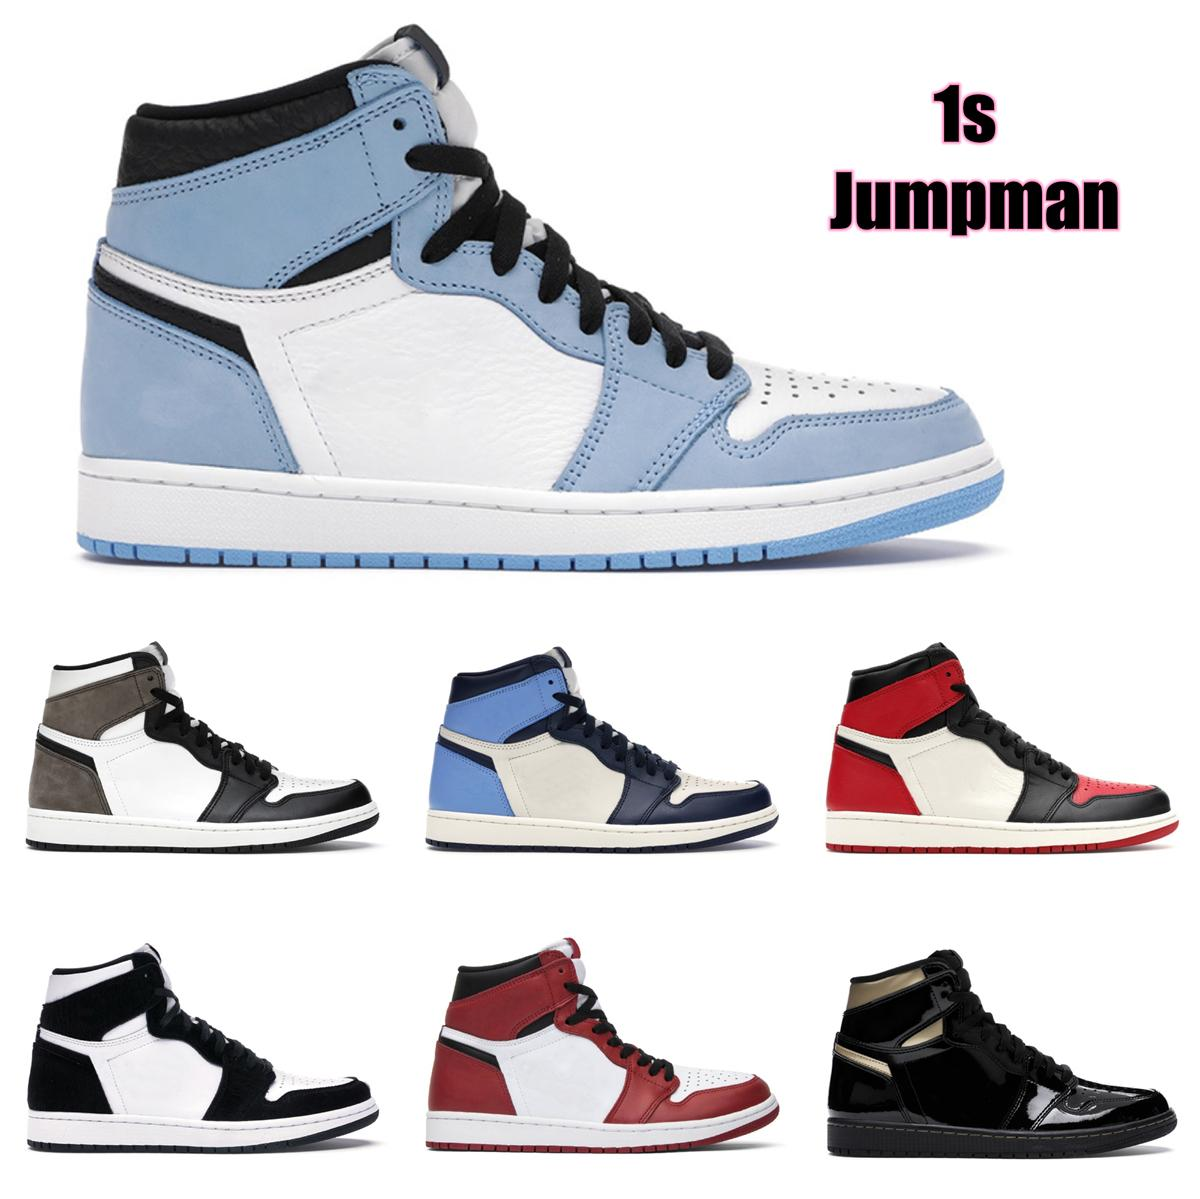 أعلى جودة jumpman 1 ثانية هايت قص الخوف من سبج حذاء الرجال النسائية أحذية كرة السلة المحظورة bed تو شيكاغو بوي فتاة aj1 airforceone